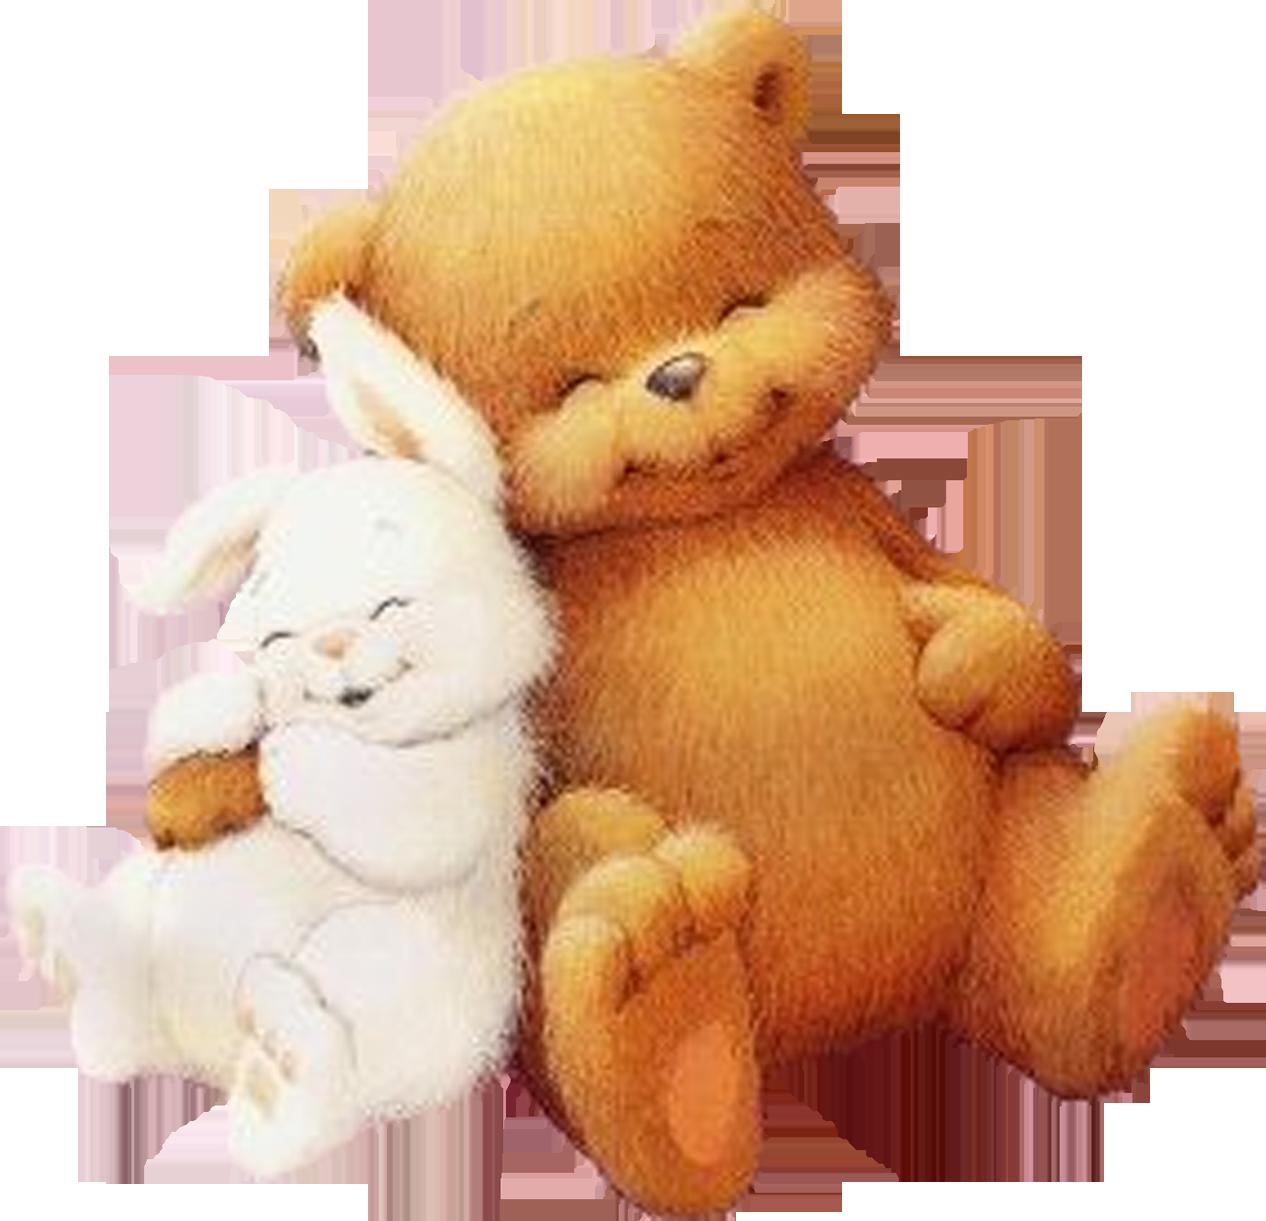 свой картинка медведь с зайчик блейзер другом